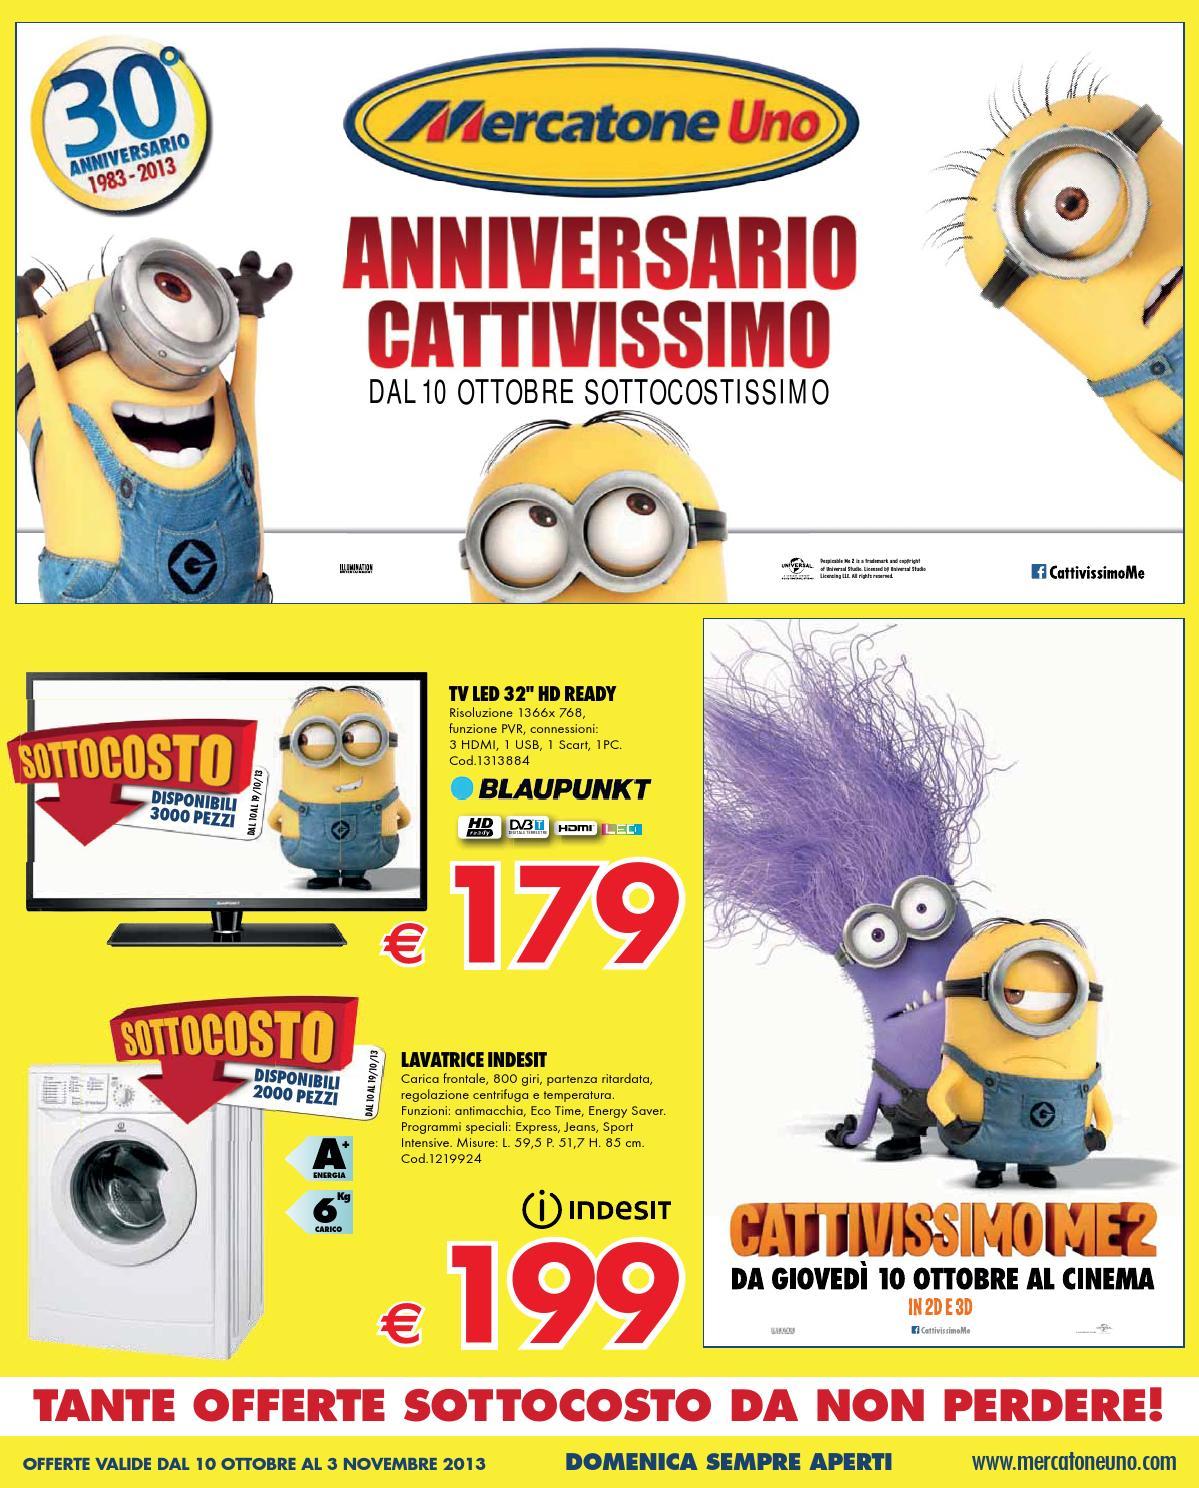 Materasso Ortopedico Gemma Mercatone Uno.Mercatoneuno Catalogo 10ottobre 3novembre2013 By